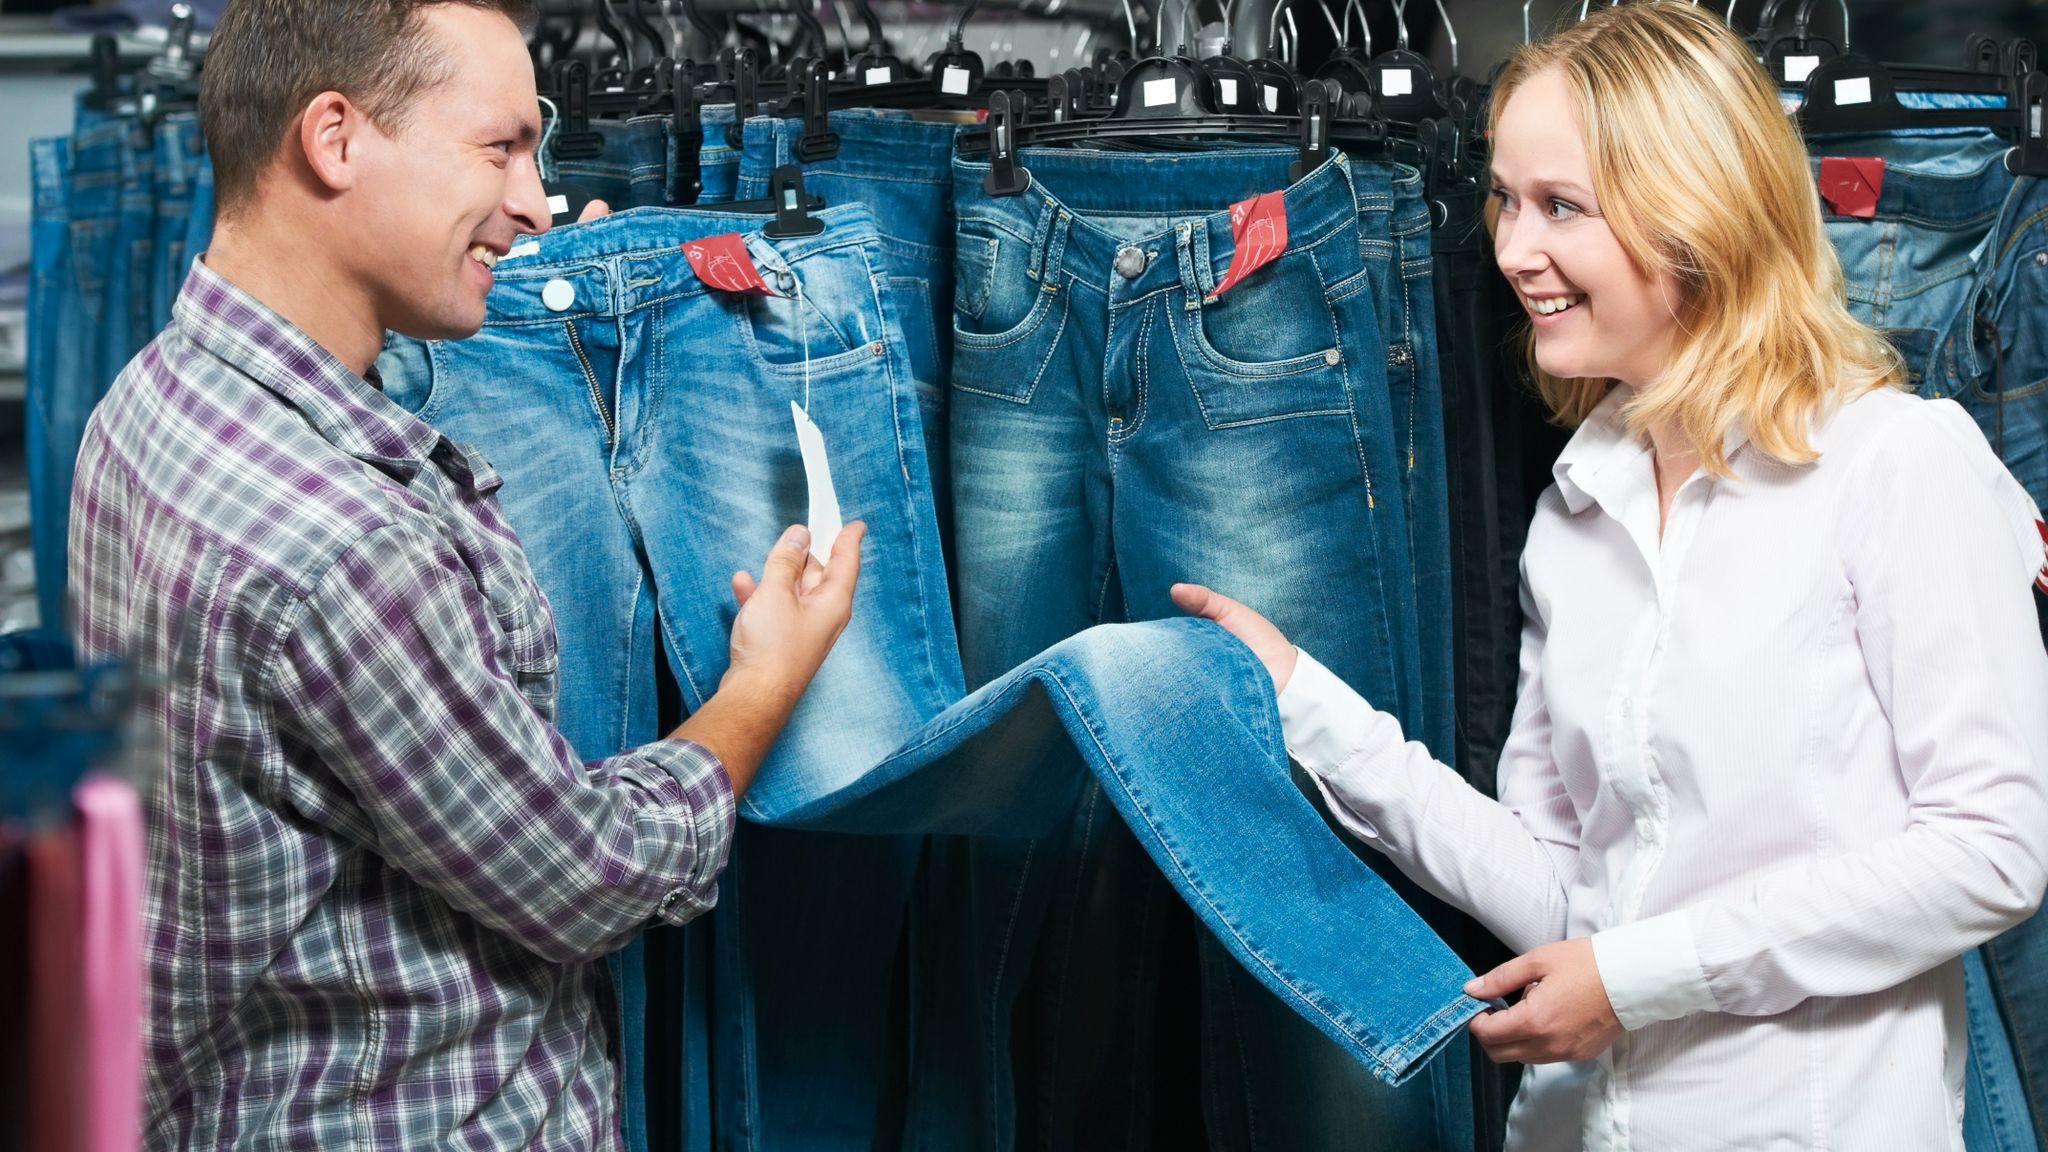 3e86b280 - Kjøper dyrere klær på grunn av status - Stavanger Aftenblad